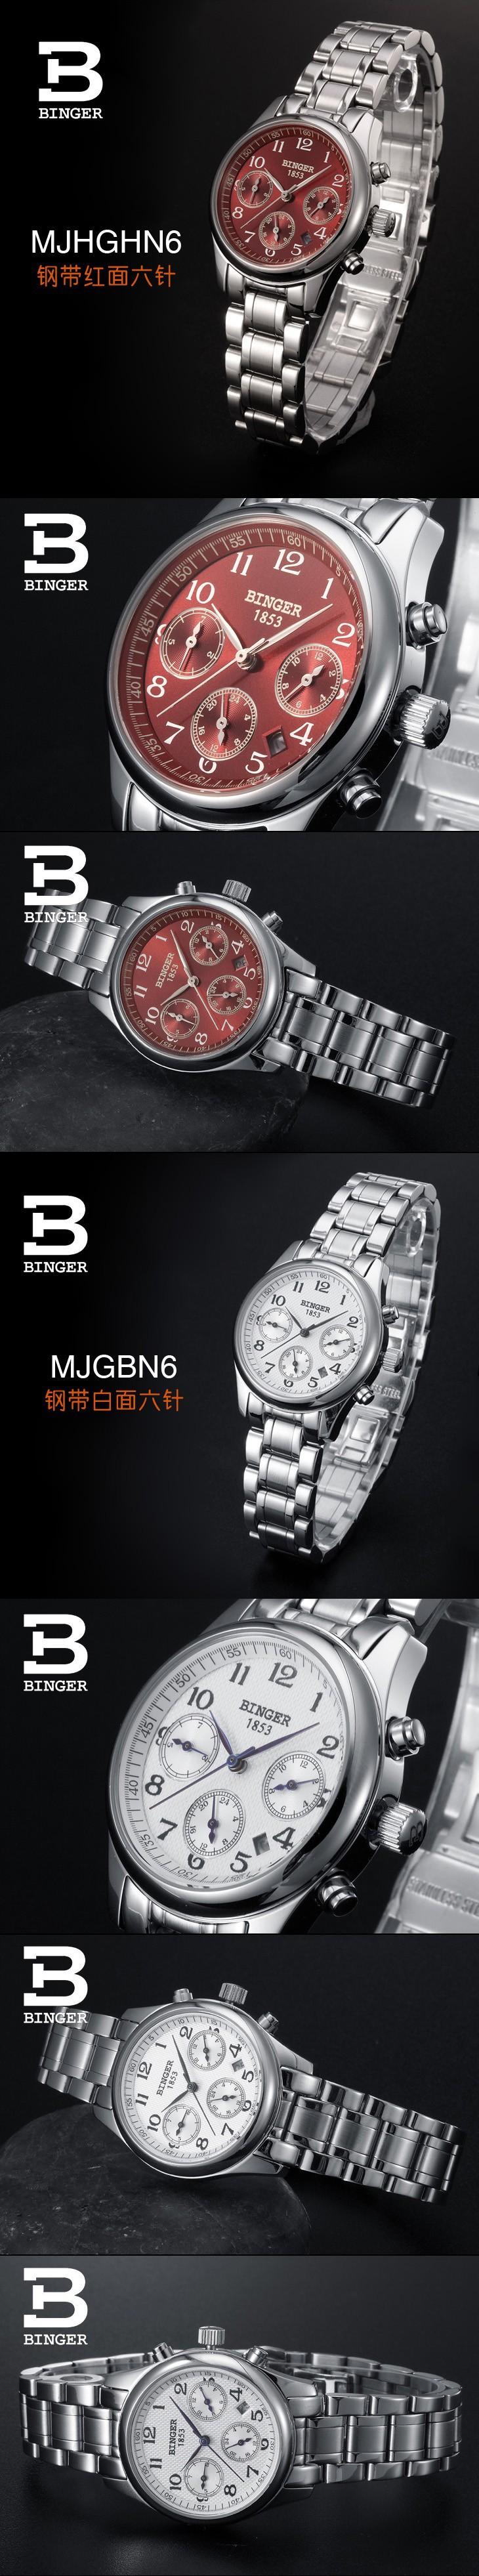 Черный Vintage Стильный Победитель Скелет Леди Женщин Наручные Часы Автоматические Механические Мода Военный Многофункциональный Часы Сапфир